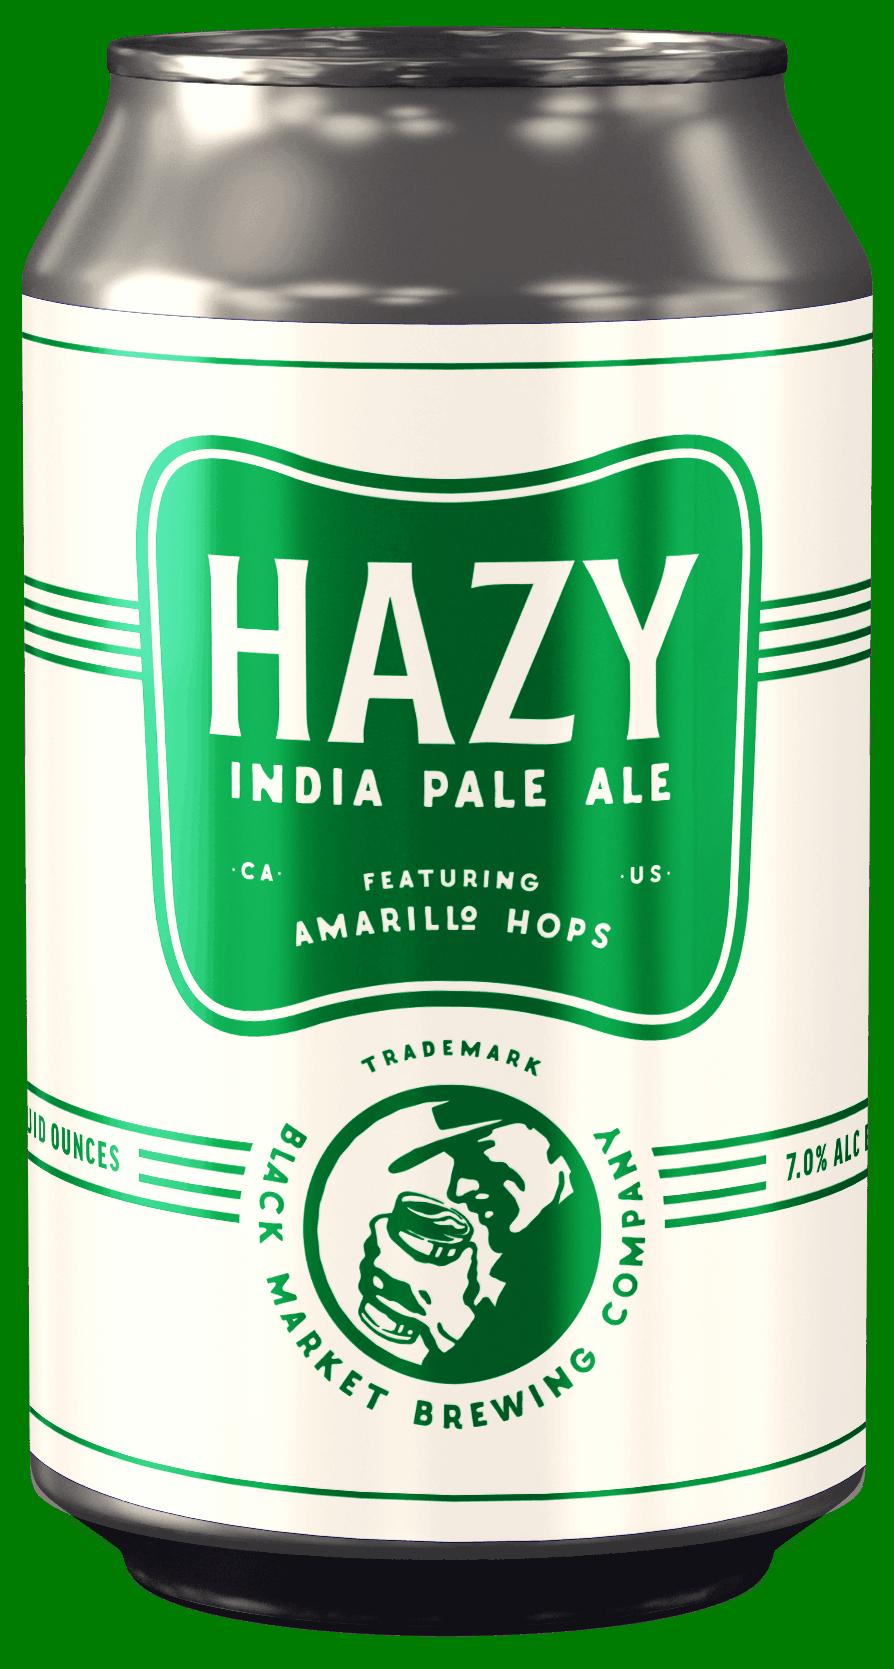 Hazy IPA can